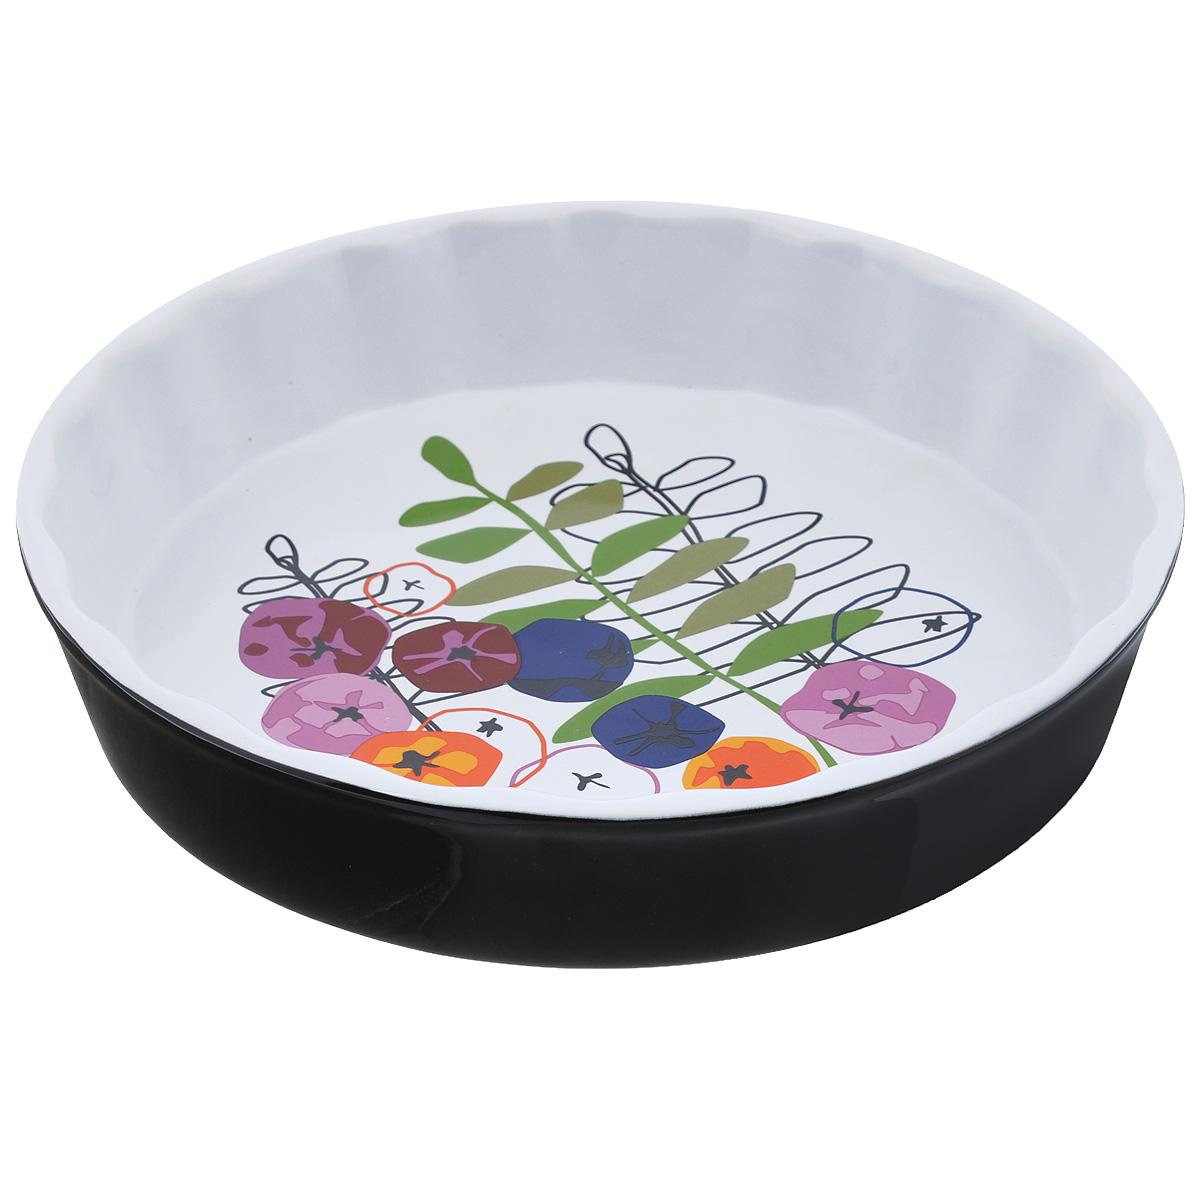 Тарелка для пирога Sagaform Season, диаметр 26 см5015821Тарелка для пирога Sagaform Season изготовлена из высококачественной жаропрочной керамики, покрытой глазурью. Дно изделия оформлено красочным дизайнерским рисунком. Основным достоинством керамической посуды является ее абсолютная экологичность. Другим достоинством керамики является ее способность отдавать влагу продуктам во время их приготовления, что объясняется ее пористой структурой. Блюда, приготовленные в керамической посуде, пропекаются равномерно, сохраняют витамины и полезные вещества, а также отличаются отменным вкусом и ароматом. Посуда пригодна для использования в духовом шкафу. Можно мыть в посудомоечной машине. Диаметр блюда: 26 см. Высота стенки: 5 см.